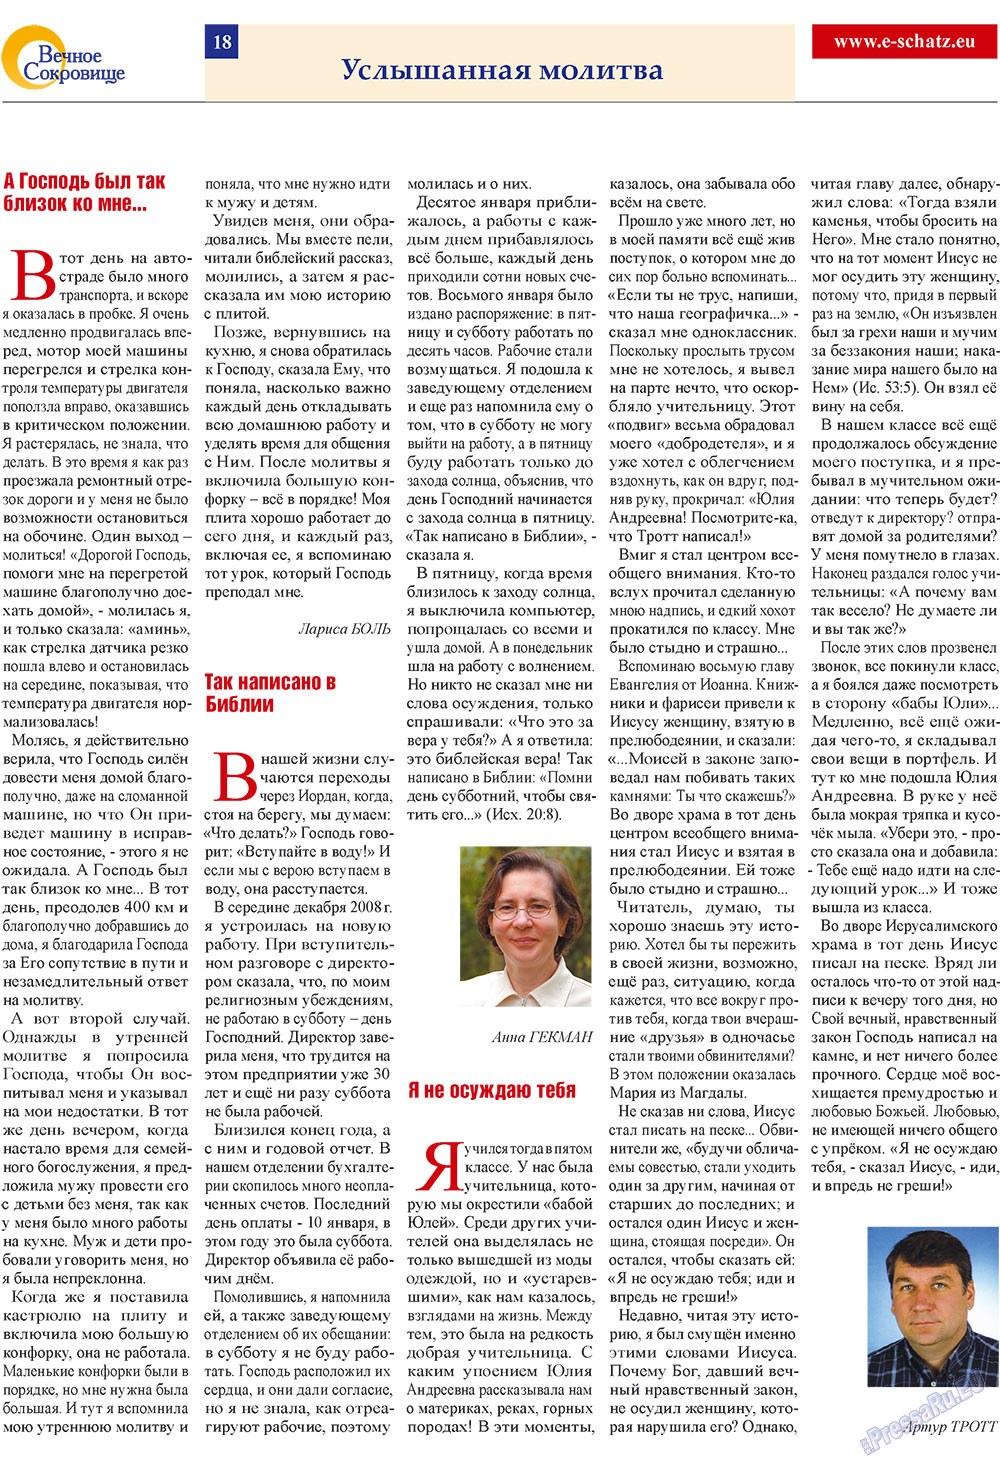 Вечное сокровище (газета). 2009 год, номер 1, стр. 18